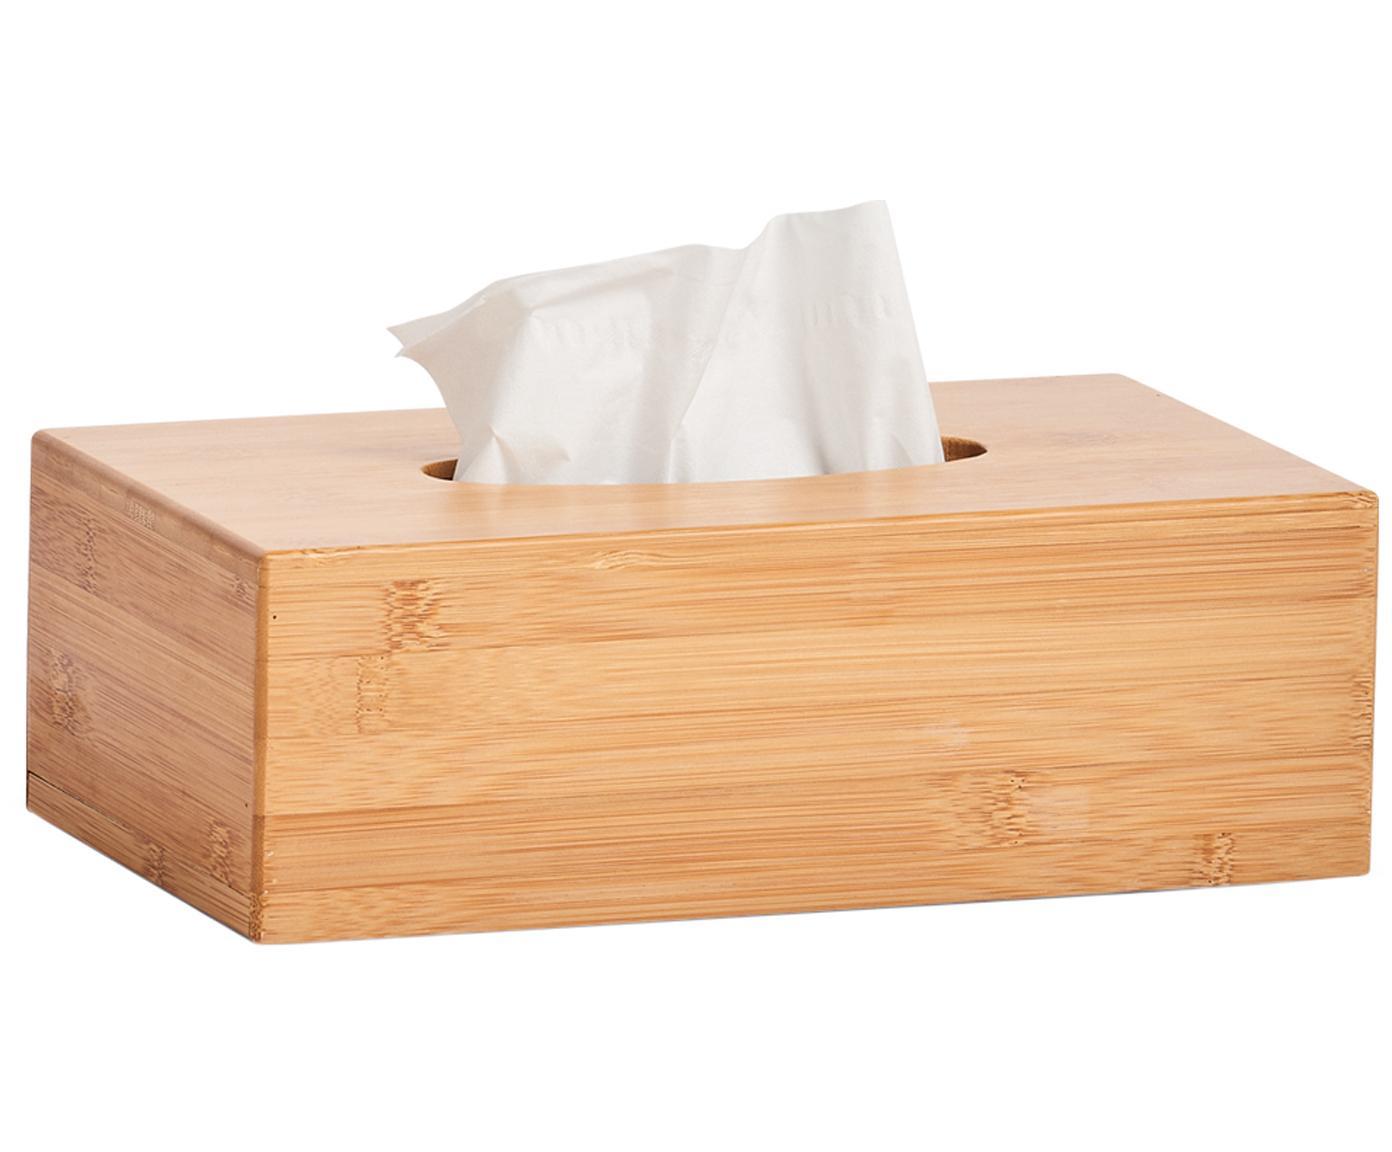 Pudełko na chusteczki z drewna bambusowego Bamboo, Drewno bambusowe, Drewno bambusowe, S 28 x W 9 cm